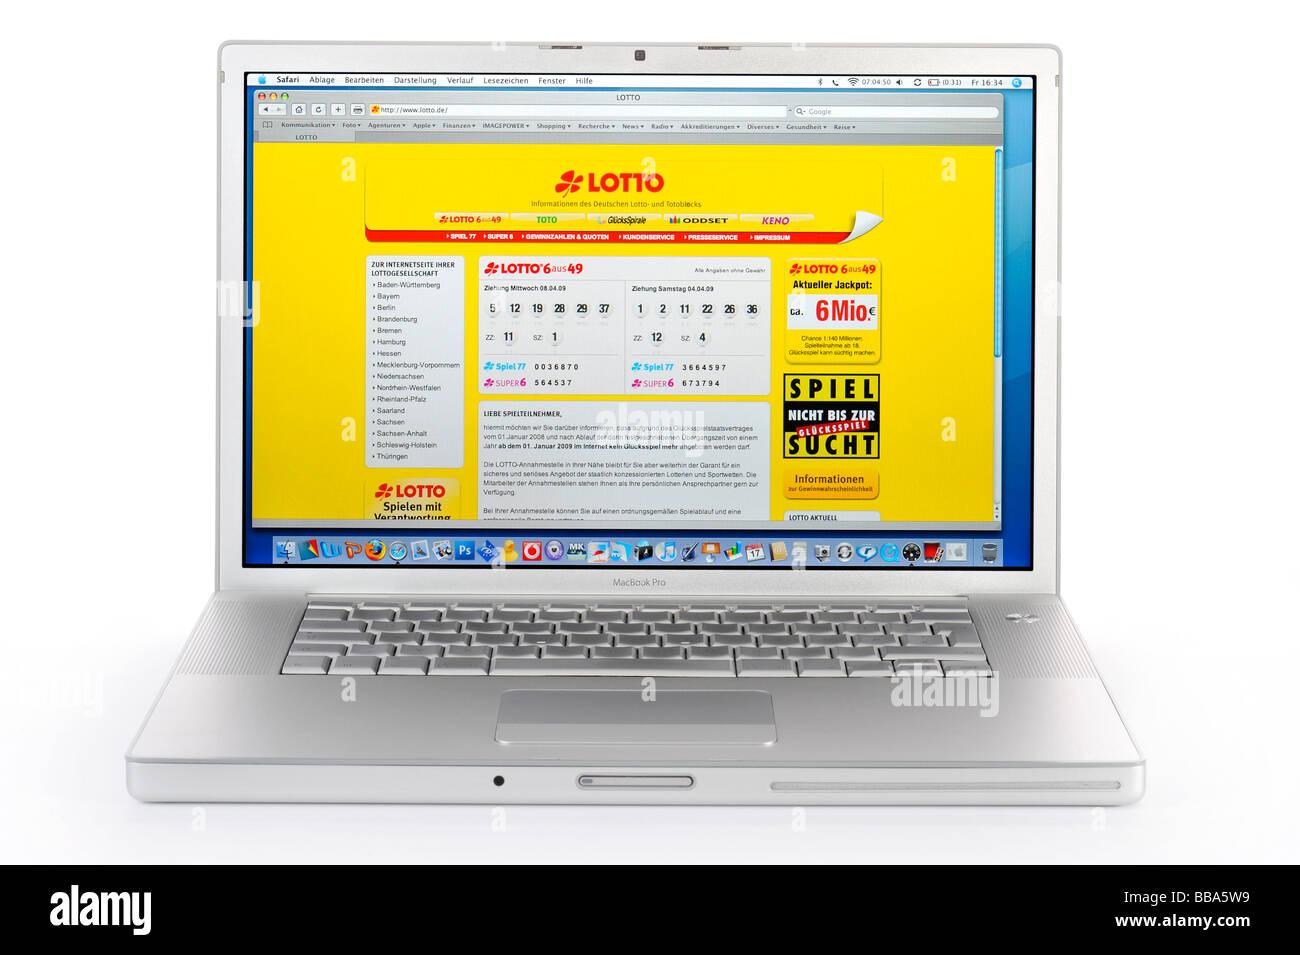 LOTTO portale web su Apple MacBook Pro Immagini Stock